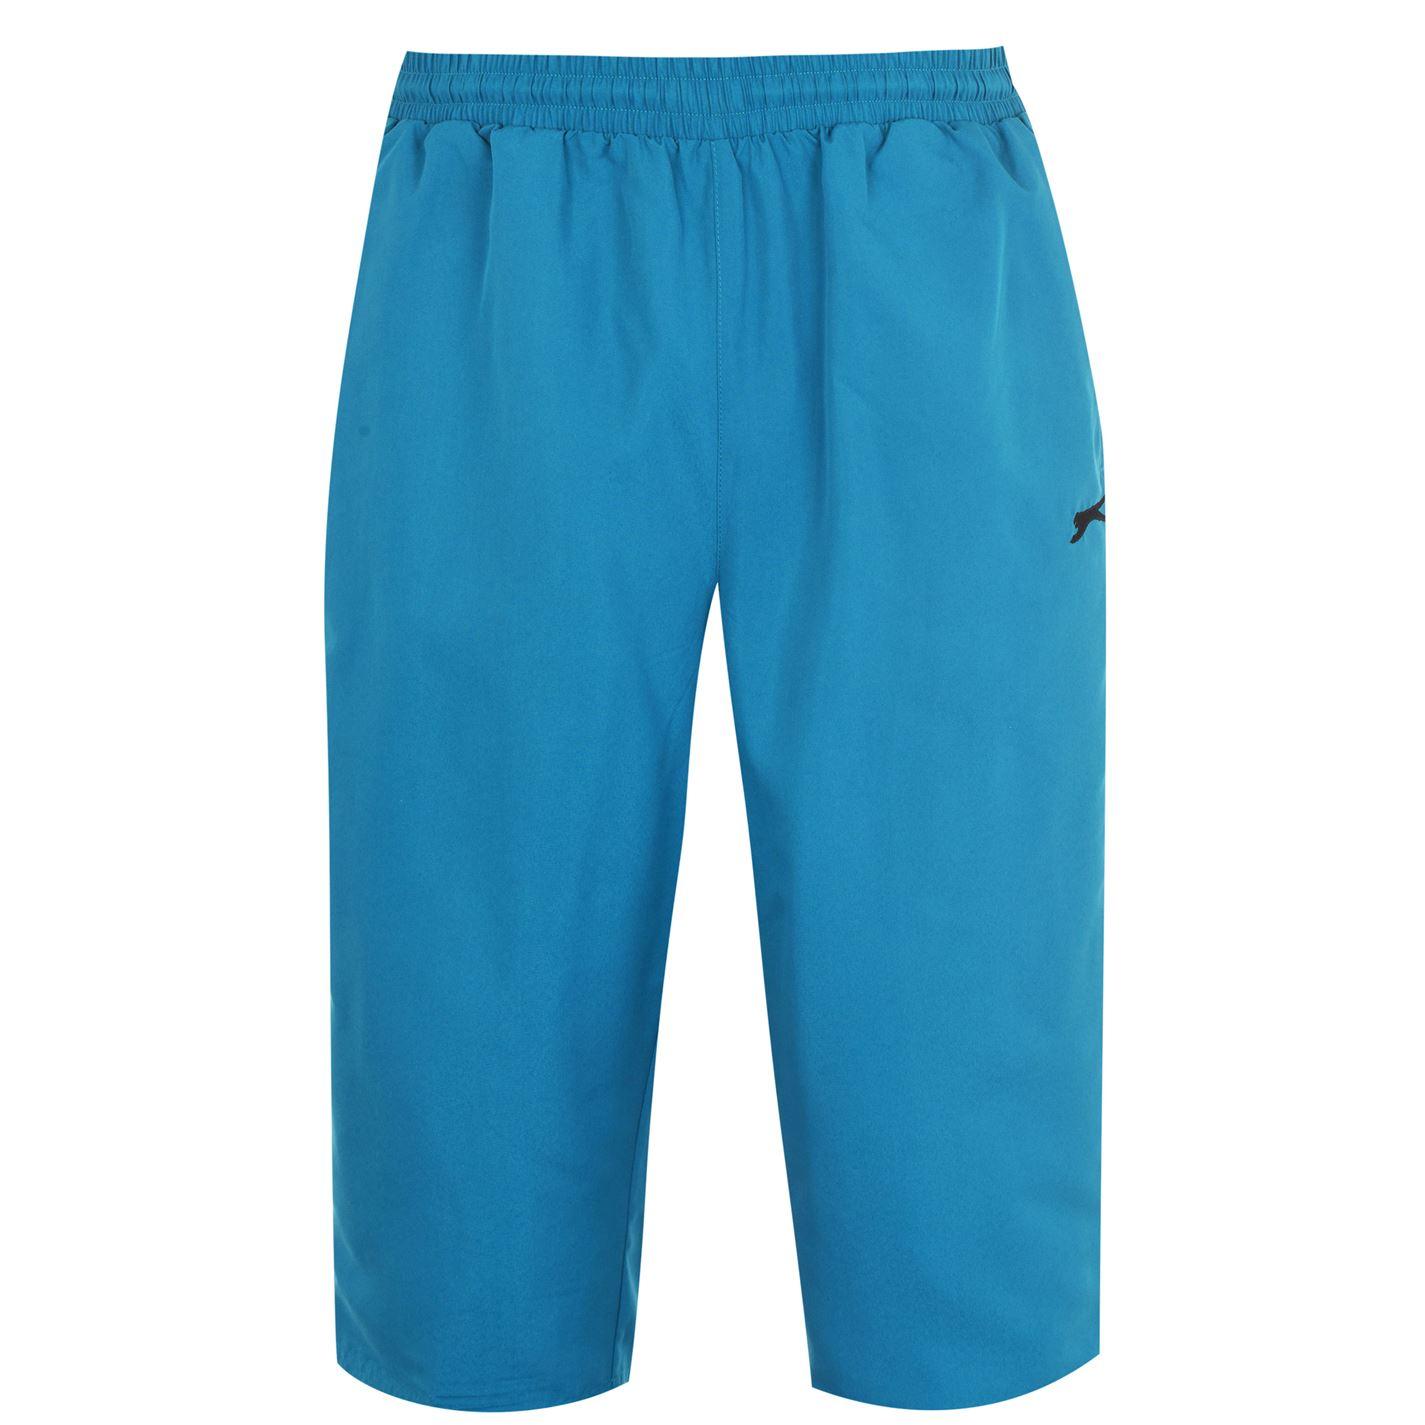 Pantaloni de trening Slazenger trei sferturi pentru Barbati bleu